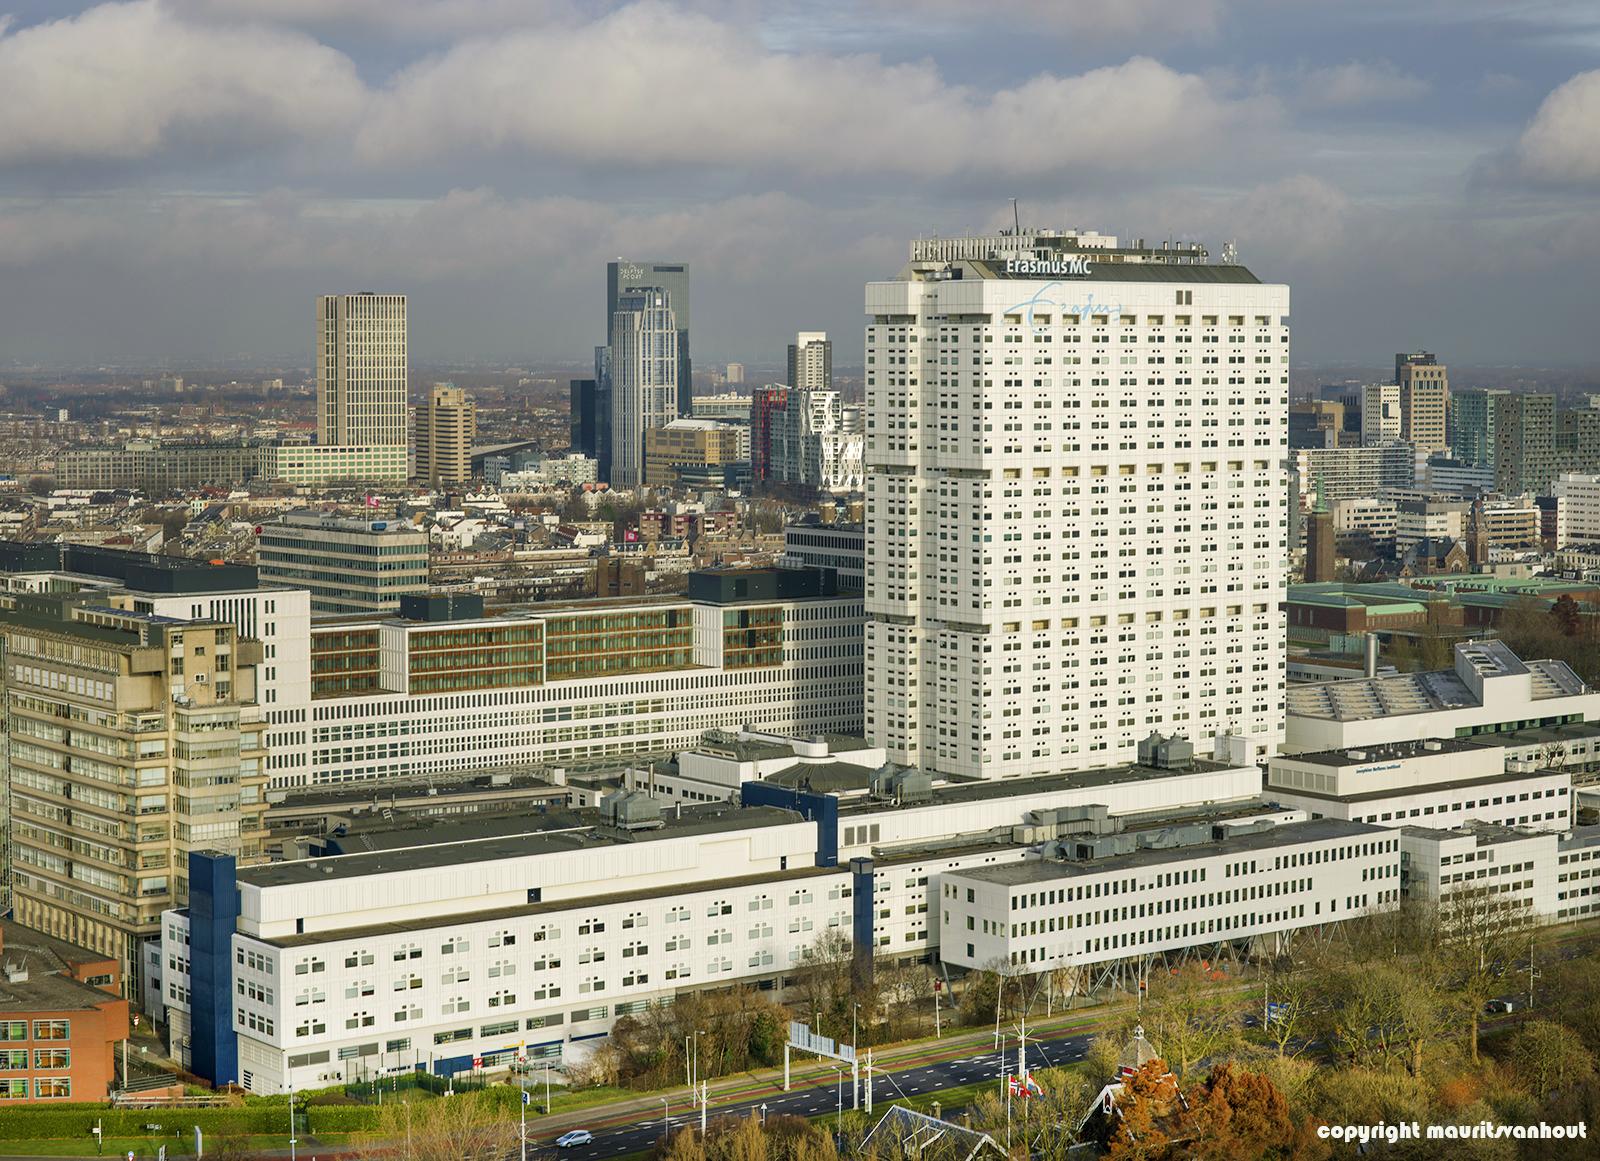 Erasmus Medisch Centrum Rotterdam